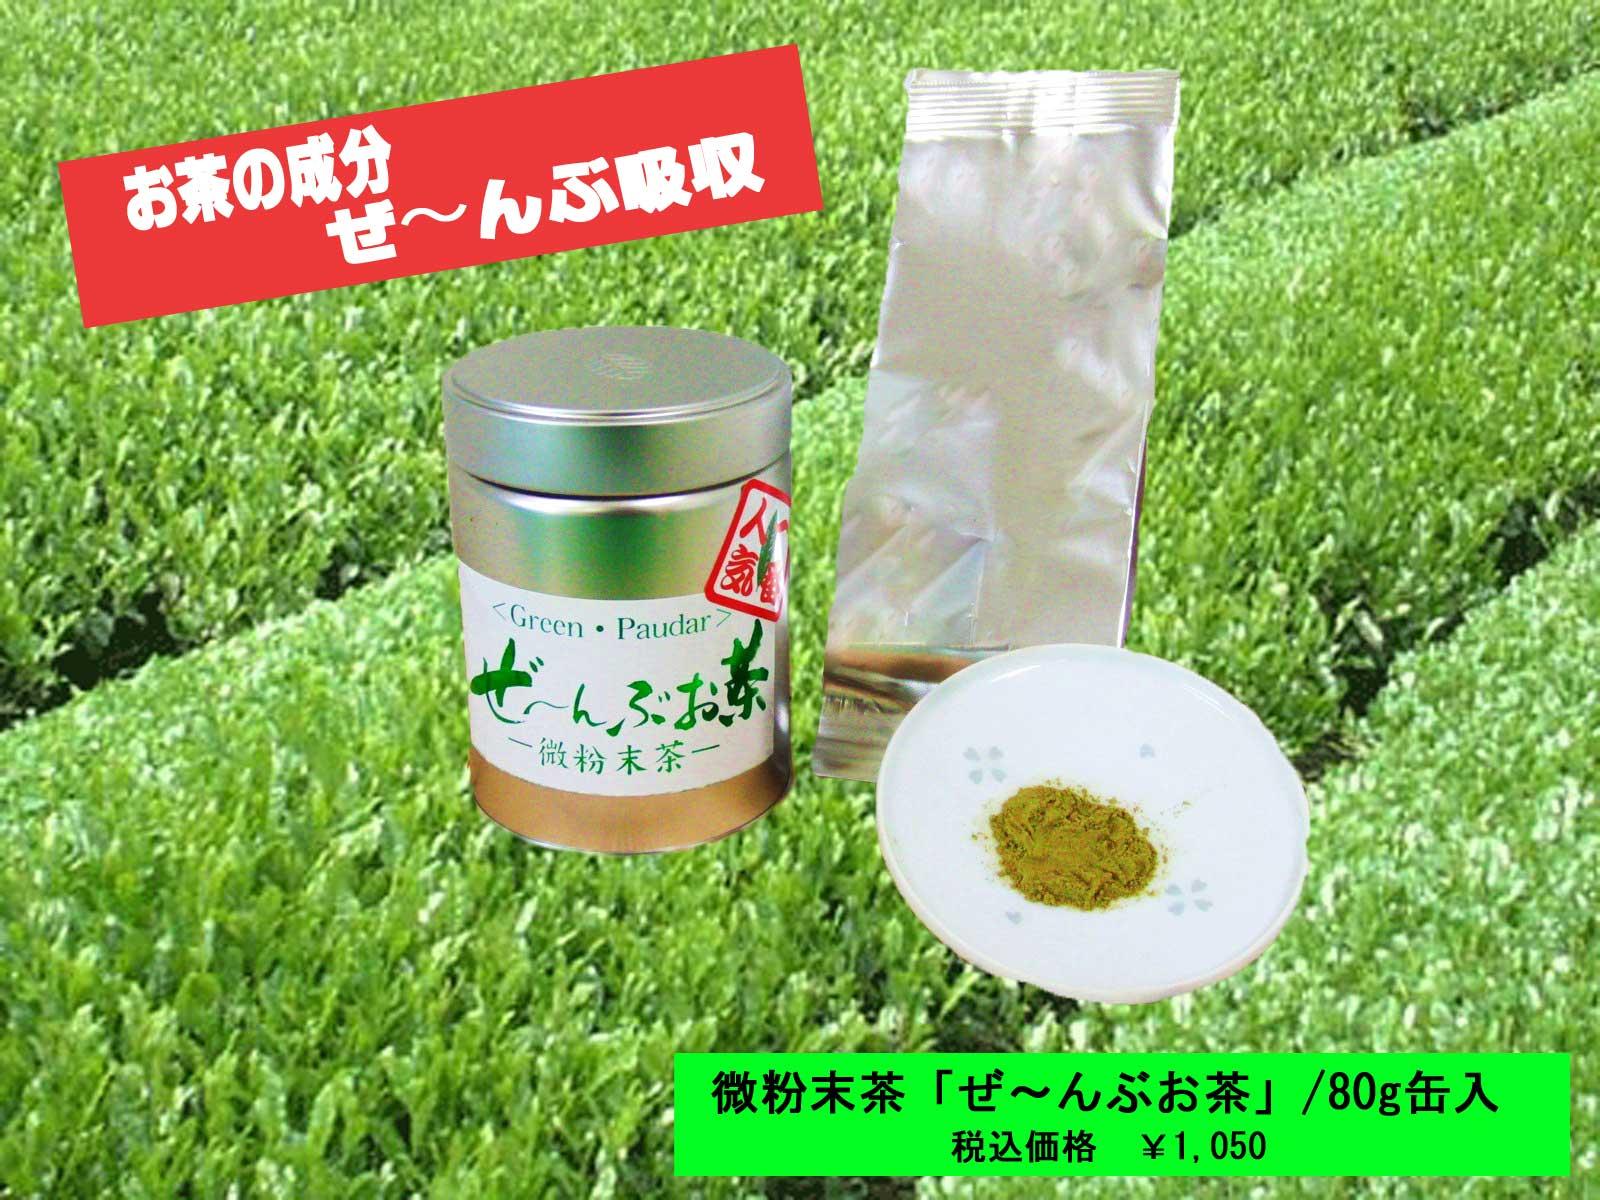 お茶の良い所全て吸収・微粉末緑茶「ぜ~んぶお茶」/80g缶入